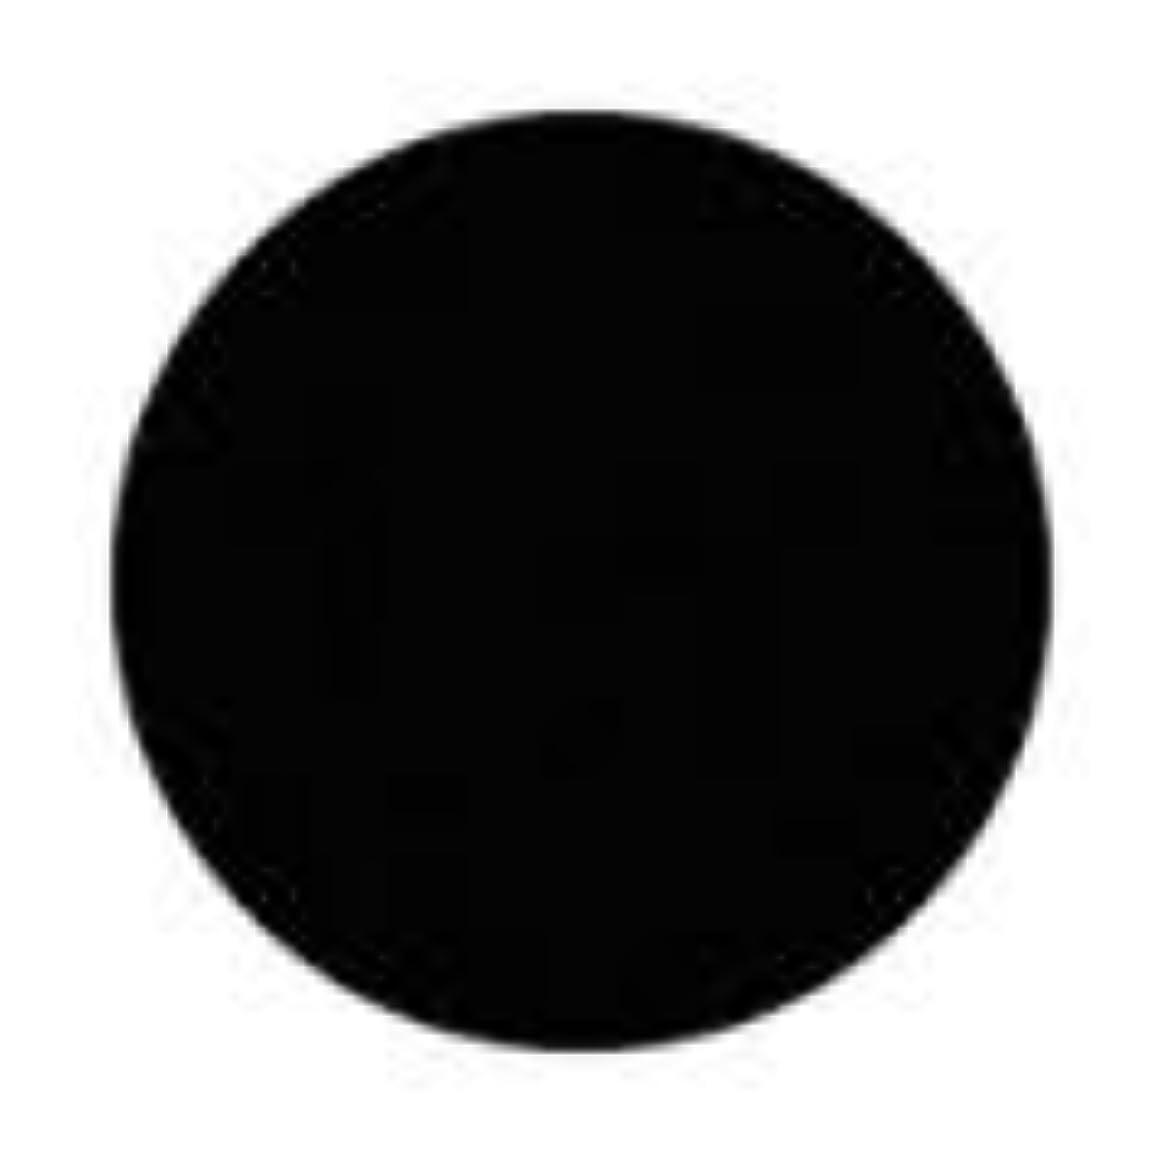 送信するちょっと待って想像するJessica ジェレレーション カラー 15ml  712 サンセットブルーバード